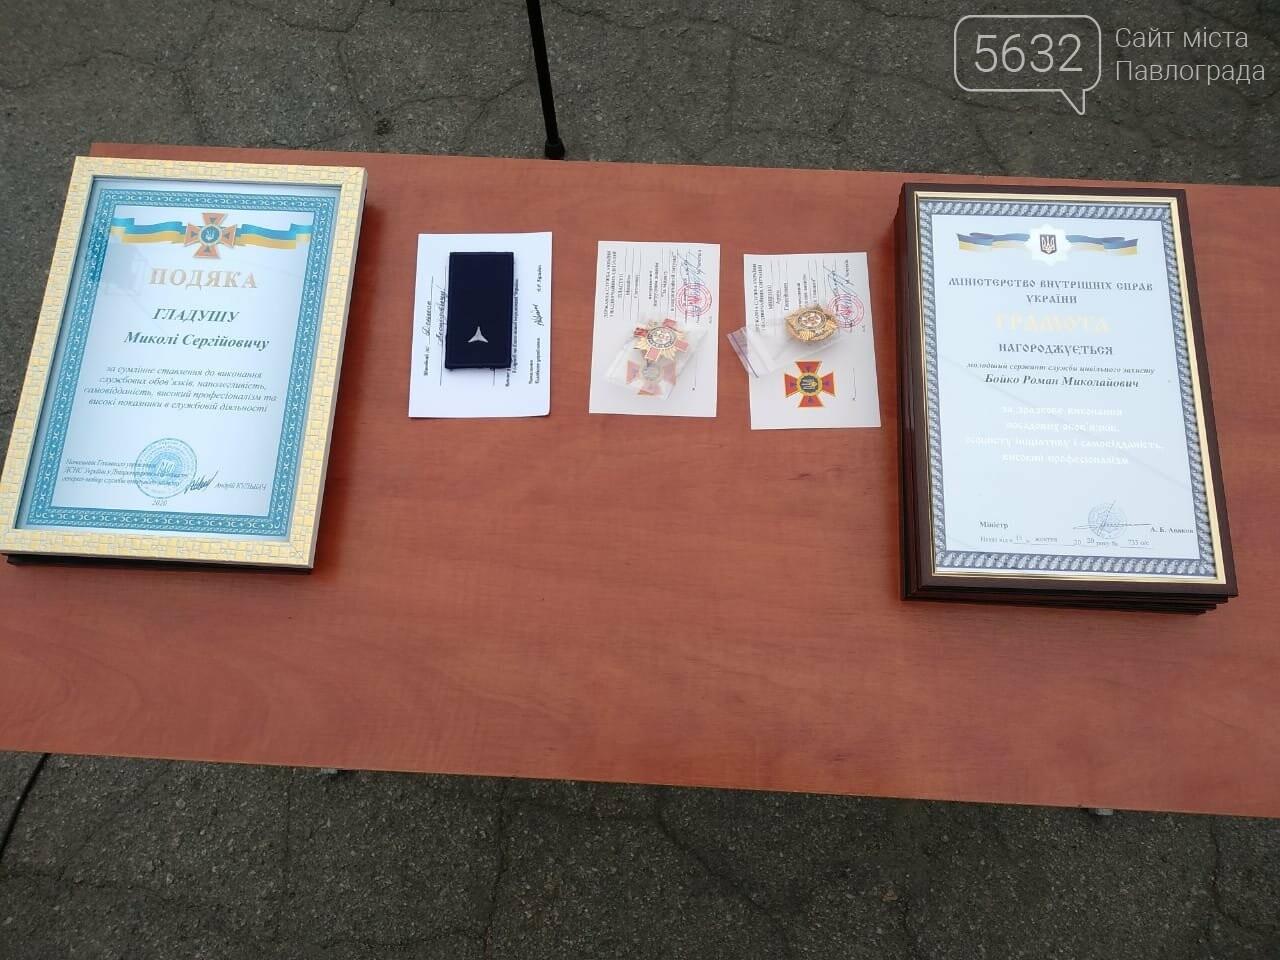 Павлоградским и терновским спасателям, тушившим пожары в Луганской области, вручили ведомственные награды, фото-5